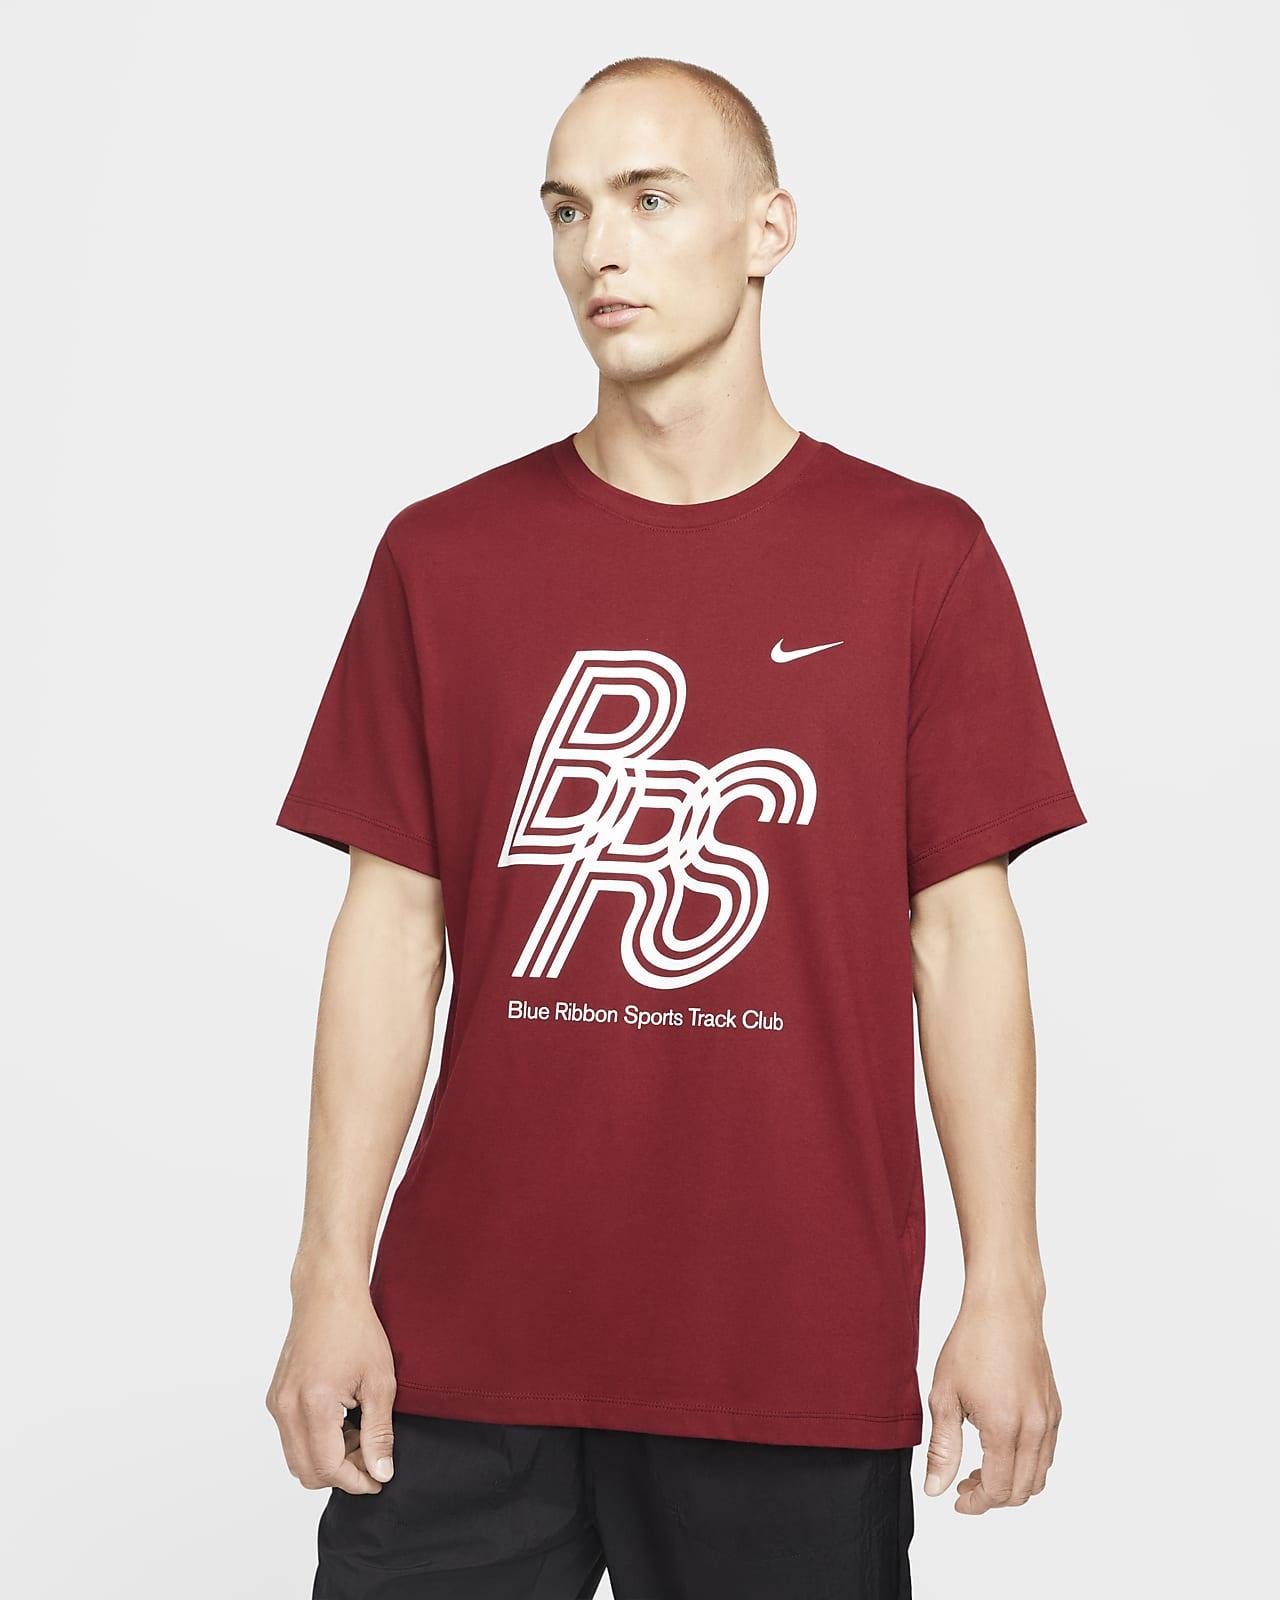 Playera de running para hombre Nike Dri-FIT BRS